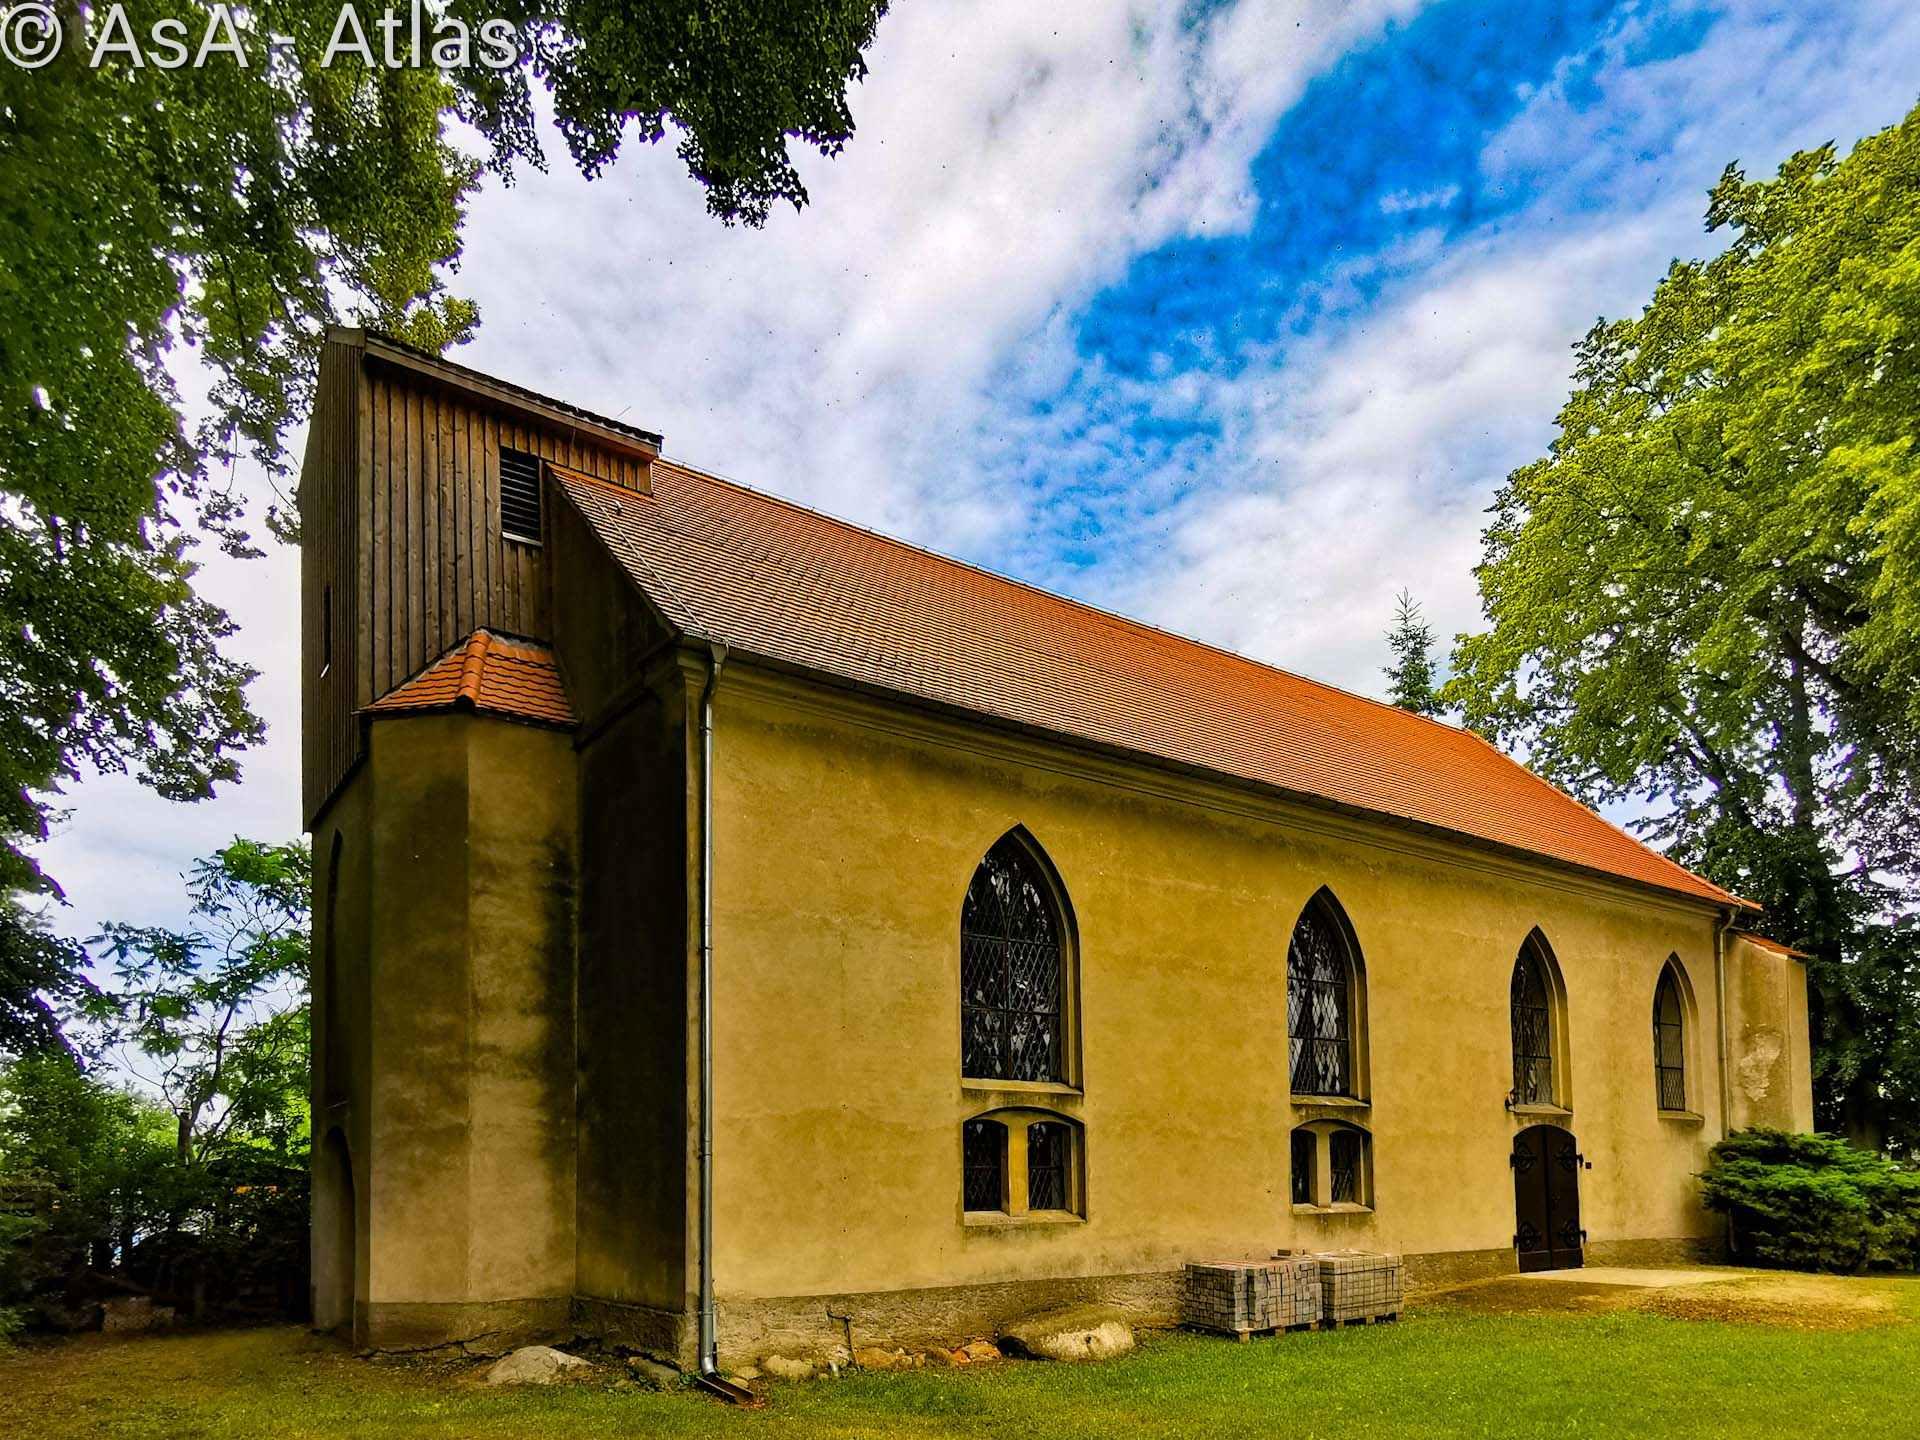 Dorfkirche Liepgarten